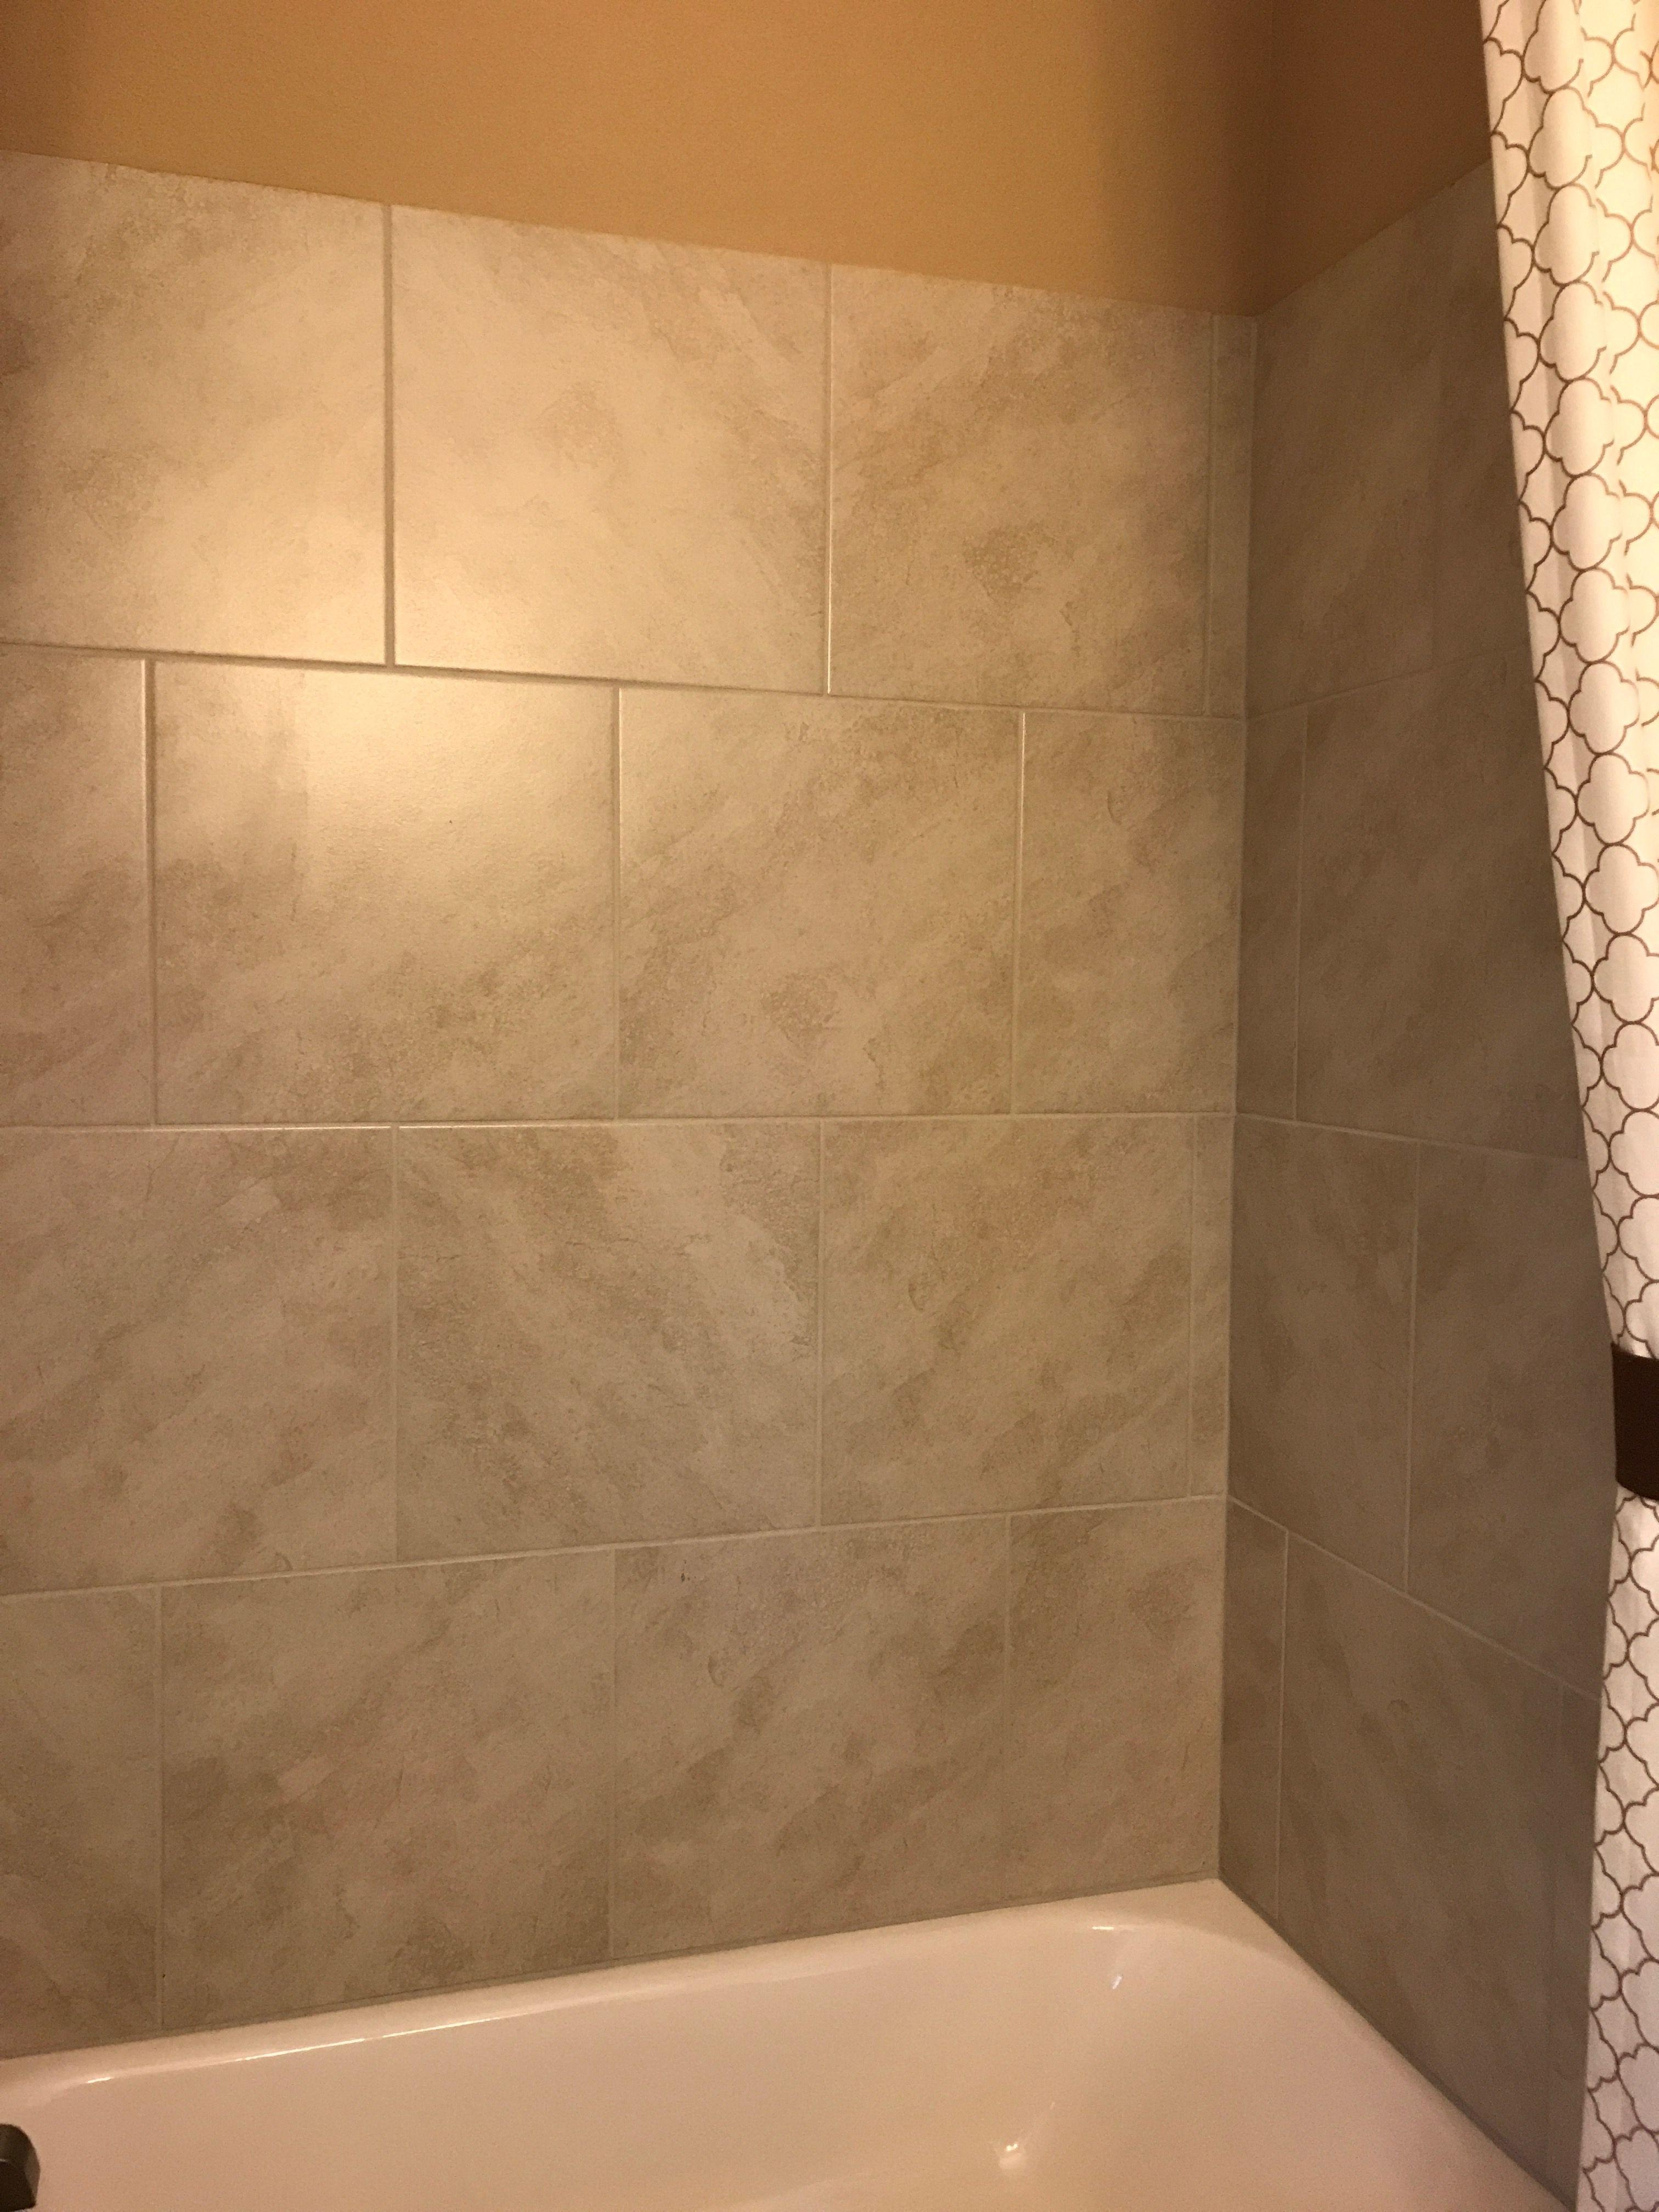 Color tile bathroom ideas pinterest color tile